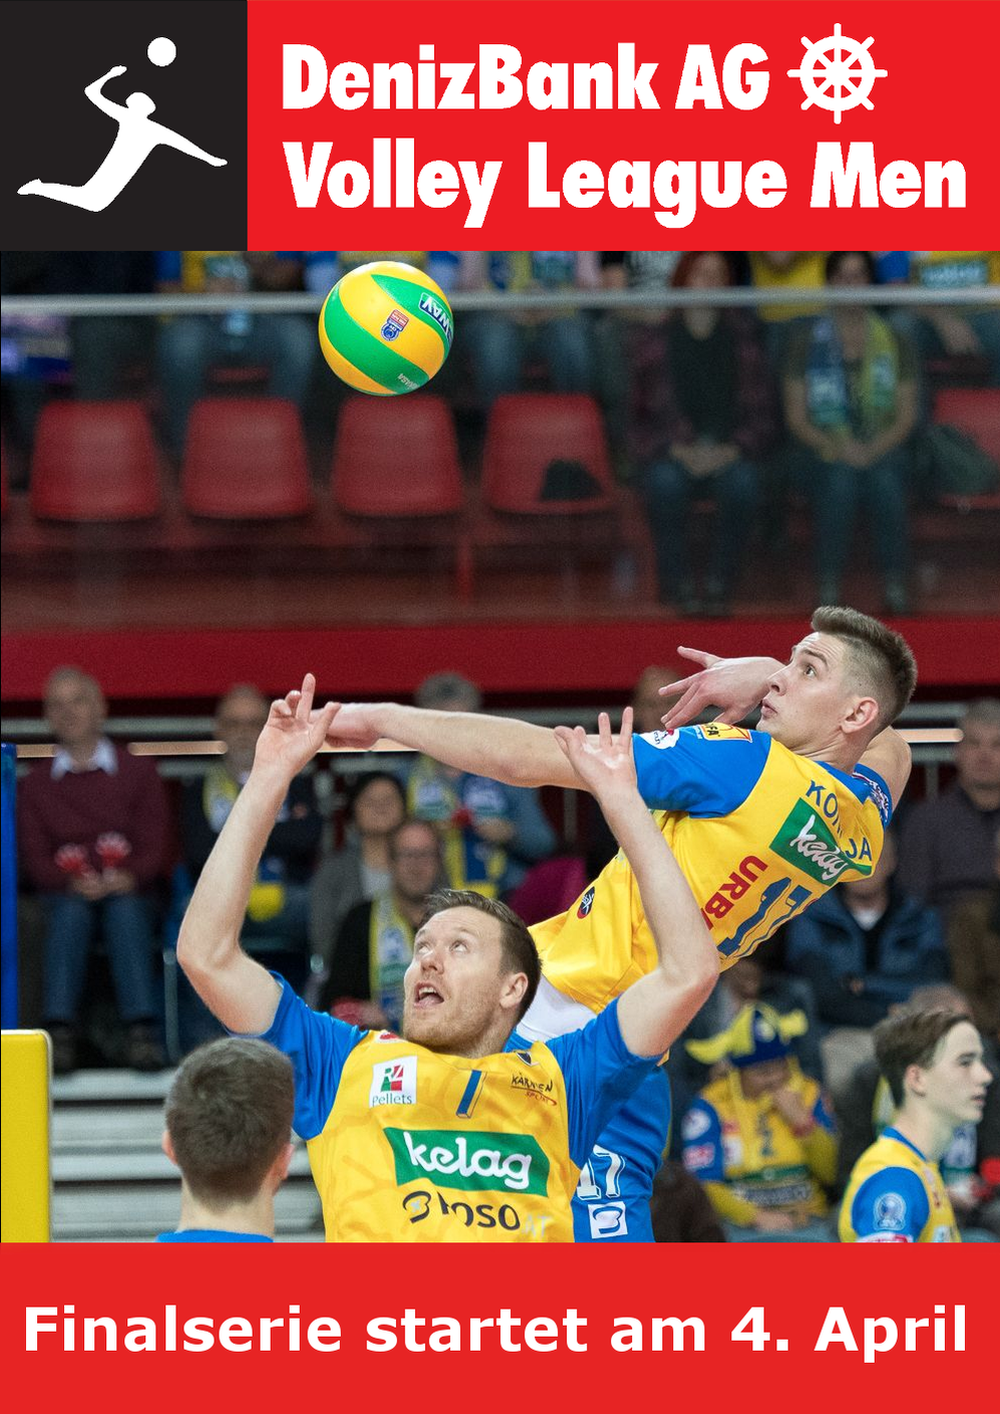 DenizBank AG Volley League - FOTO © CEV